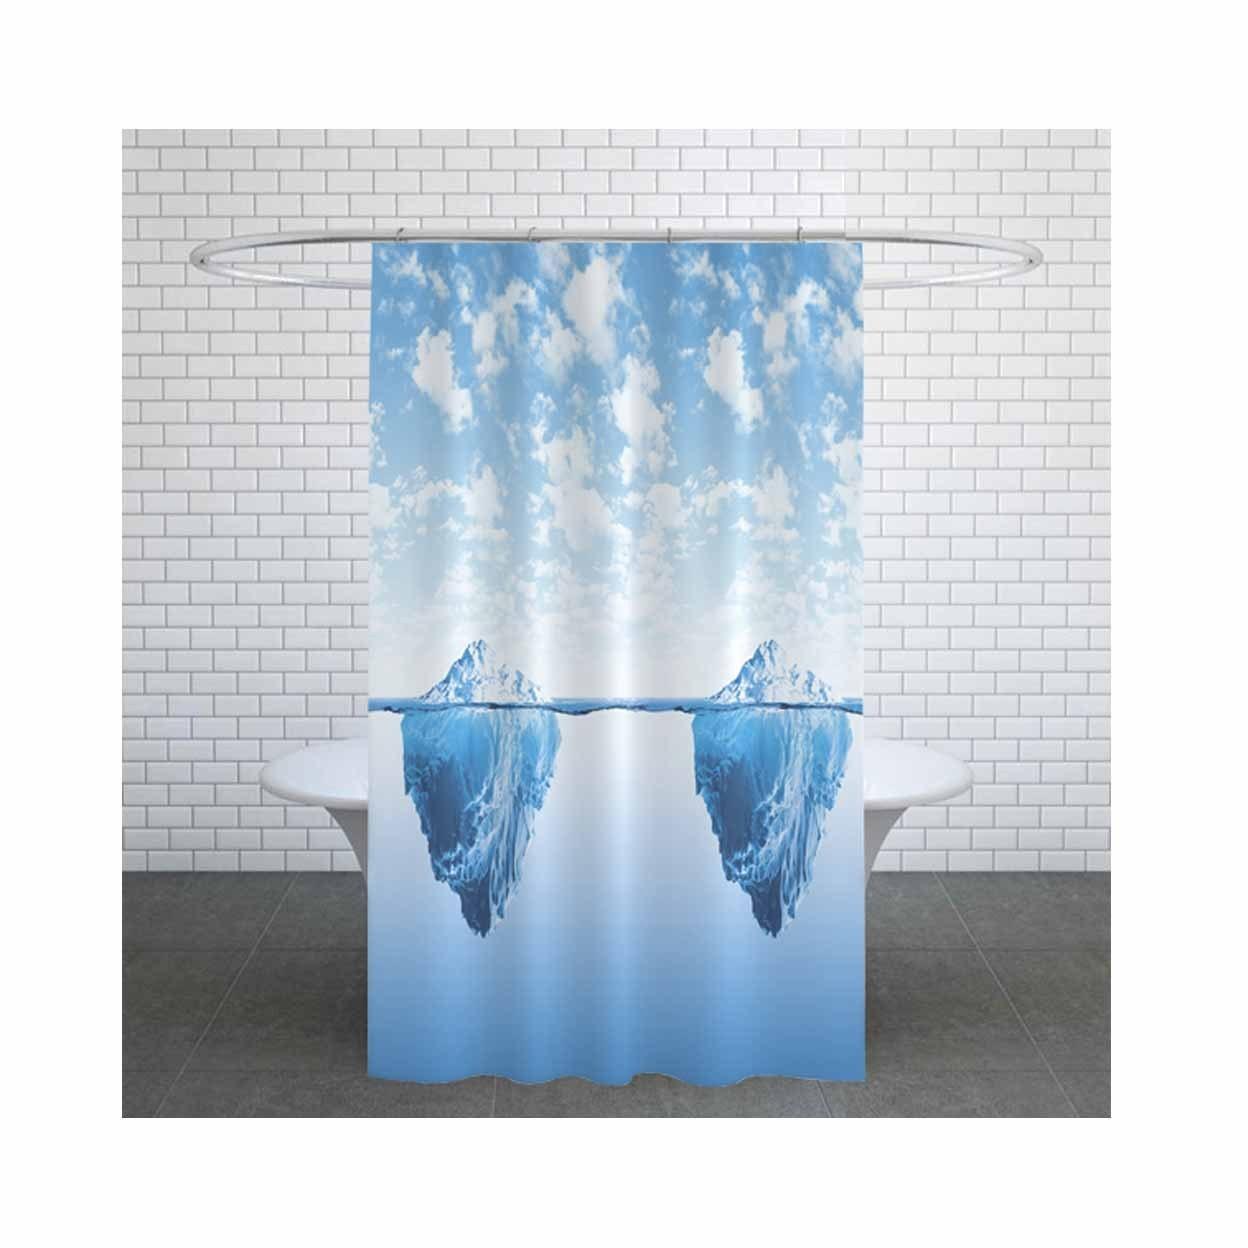 تصویر پرده حمام دلفین کد jack-5322 سایز 200×180 سانتی متر